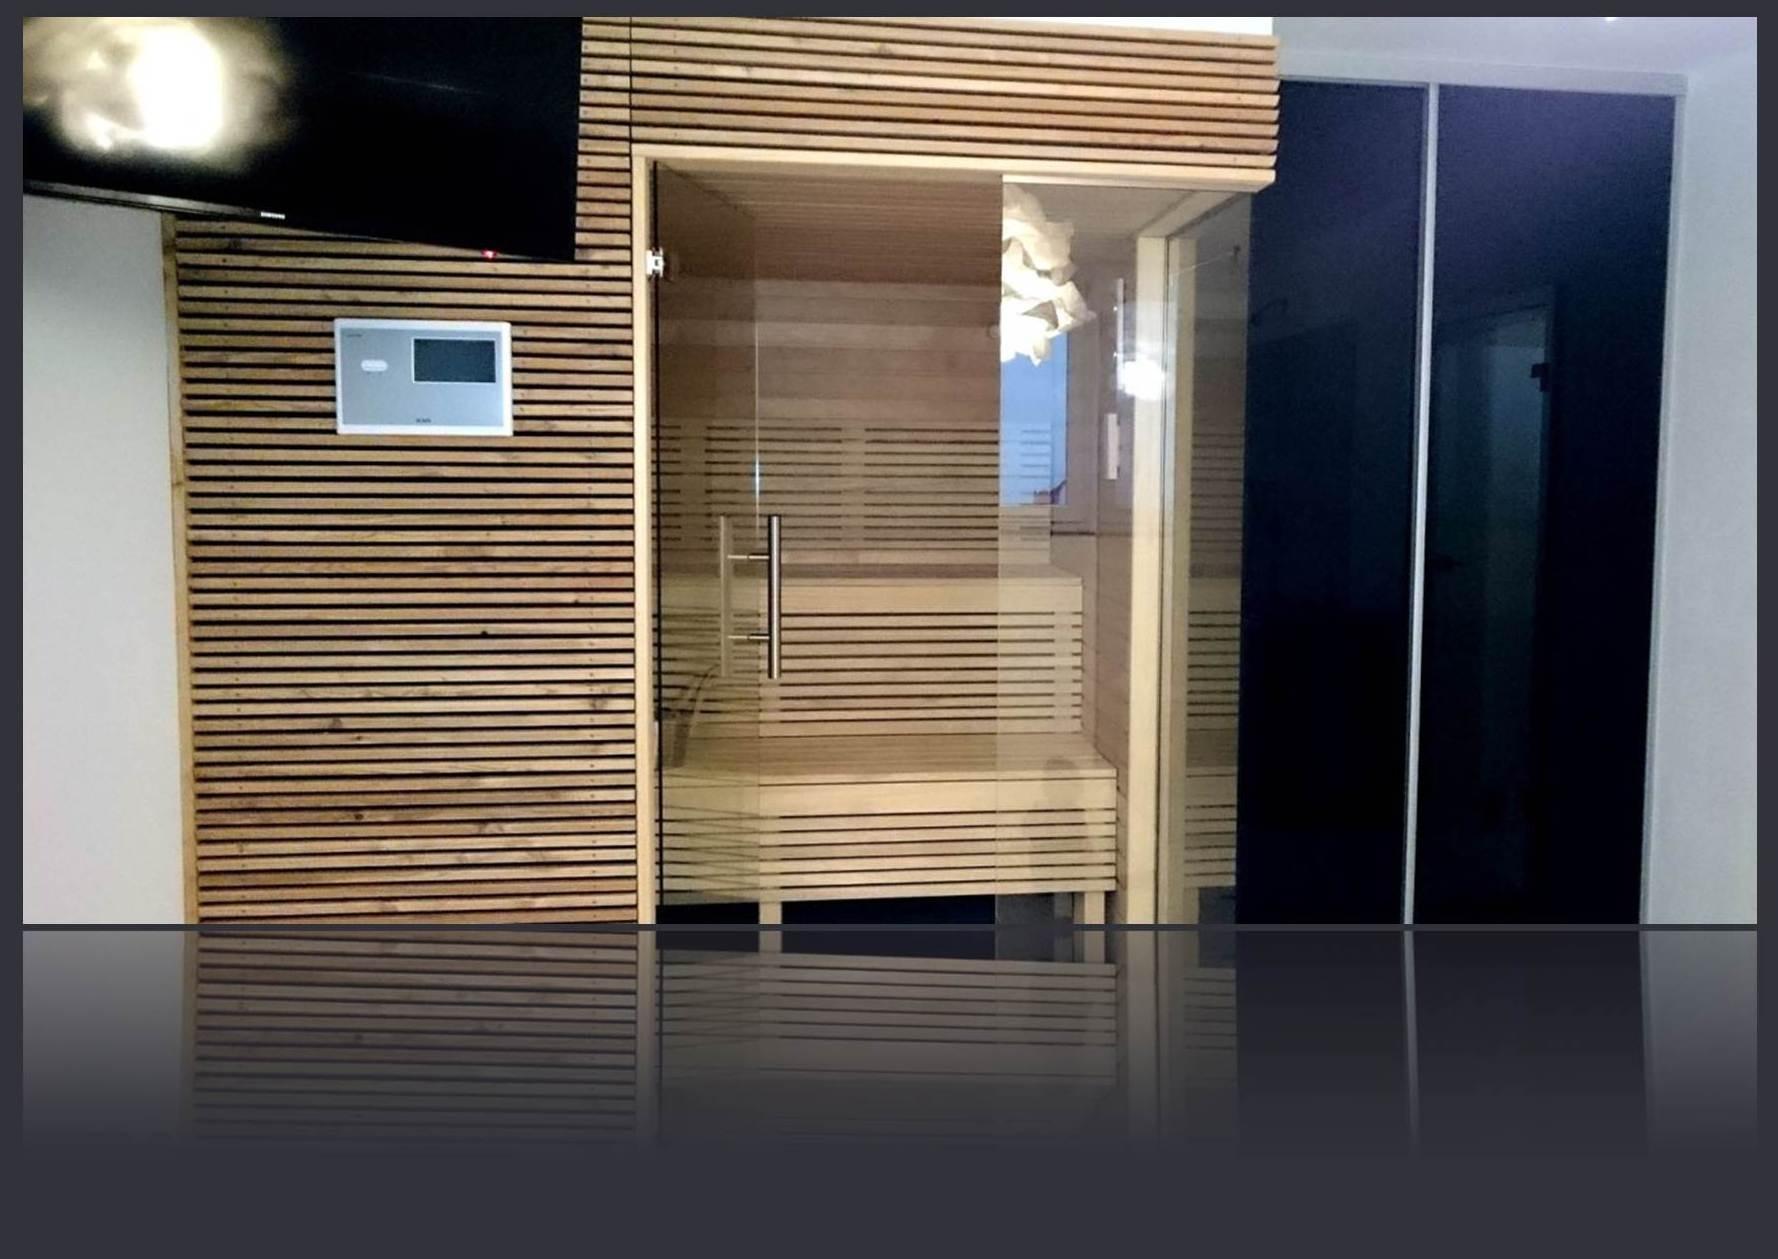 Eckverglasung und Glastüre in einer Sauna